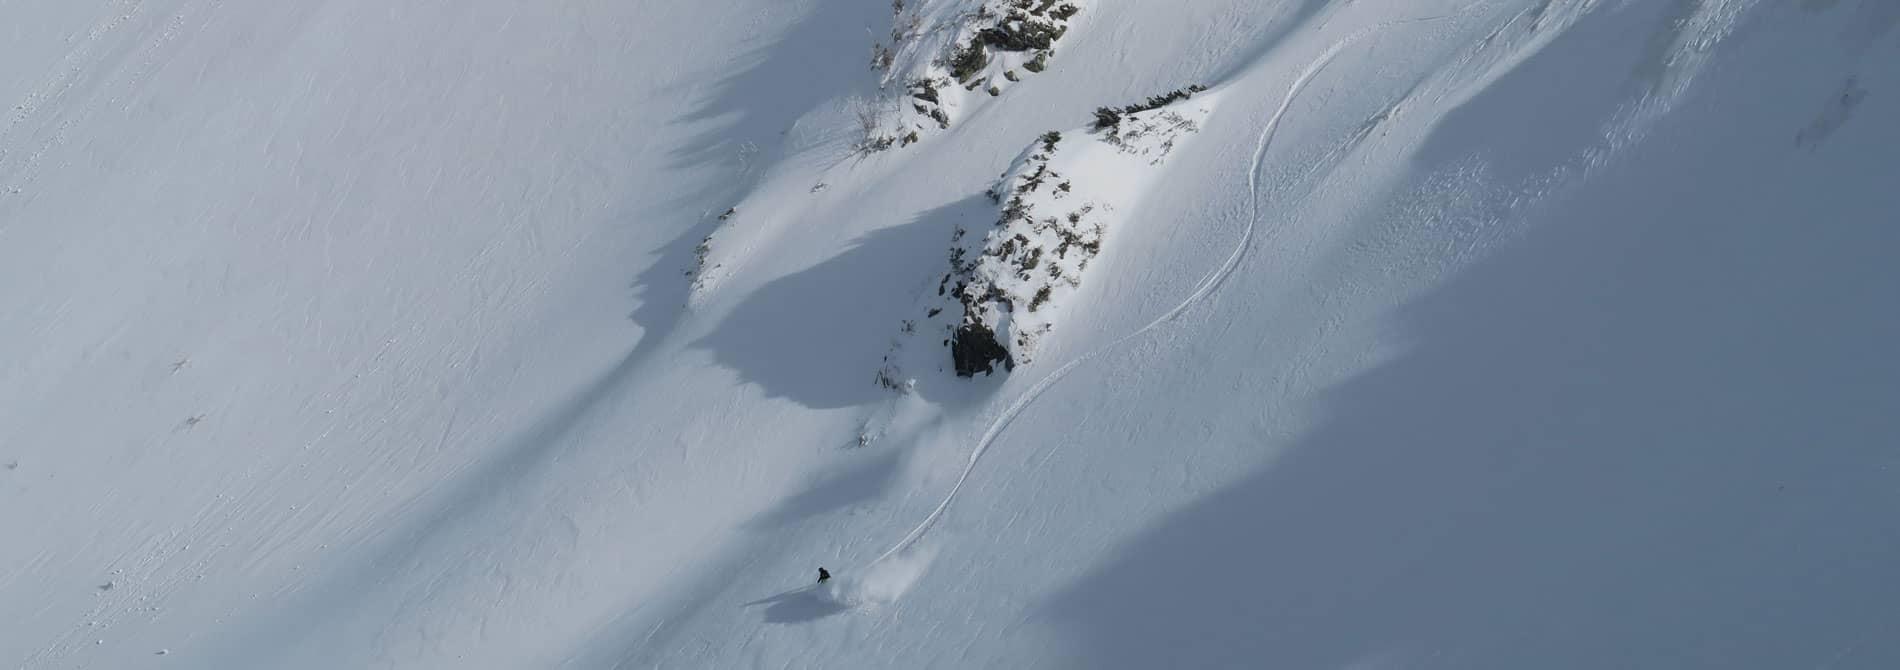 Žebrák Holding-Snowboarding